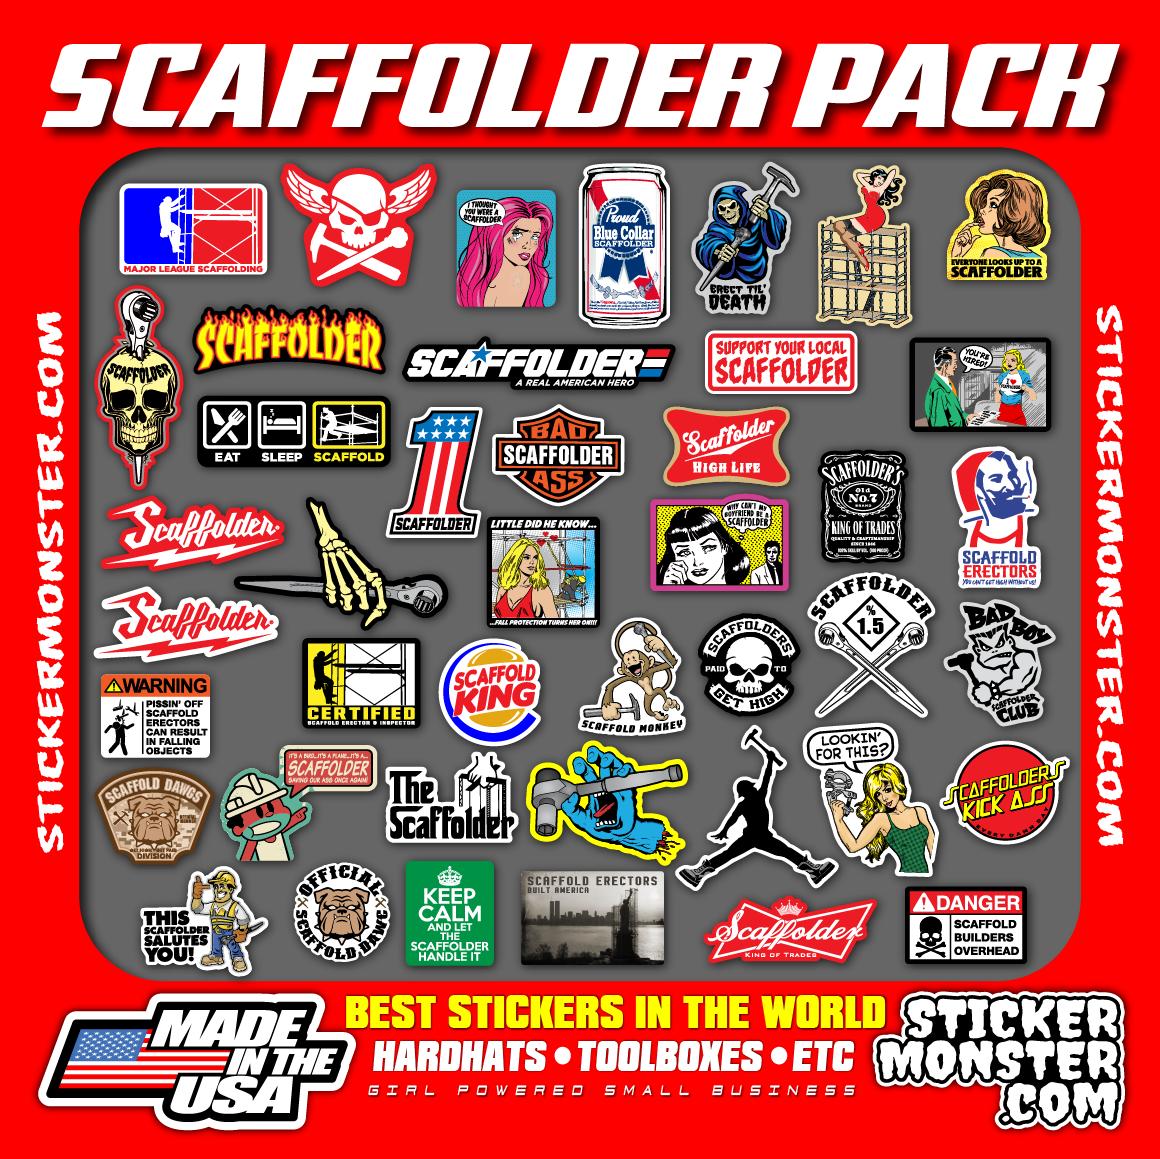 Home Decoration - SCAFFOLDER (40+) Hard Hat Stickers HardHat Sticker & Decals, Scaffold Carpenter